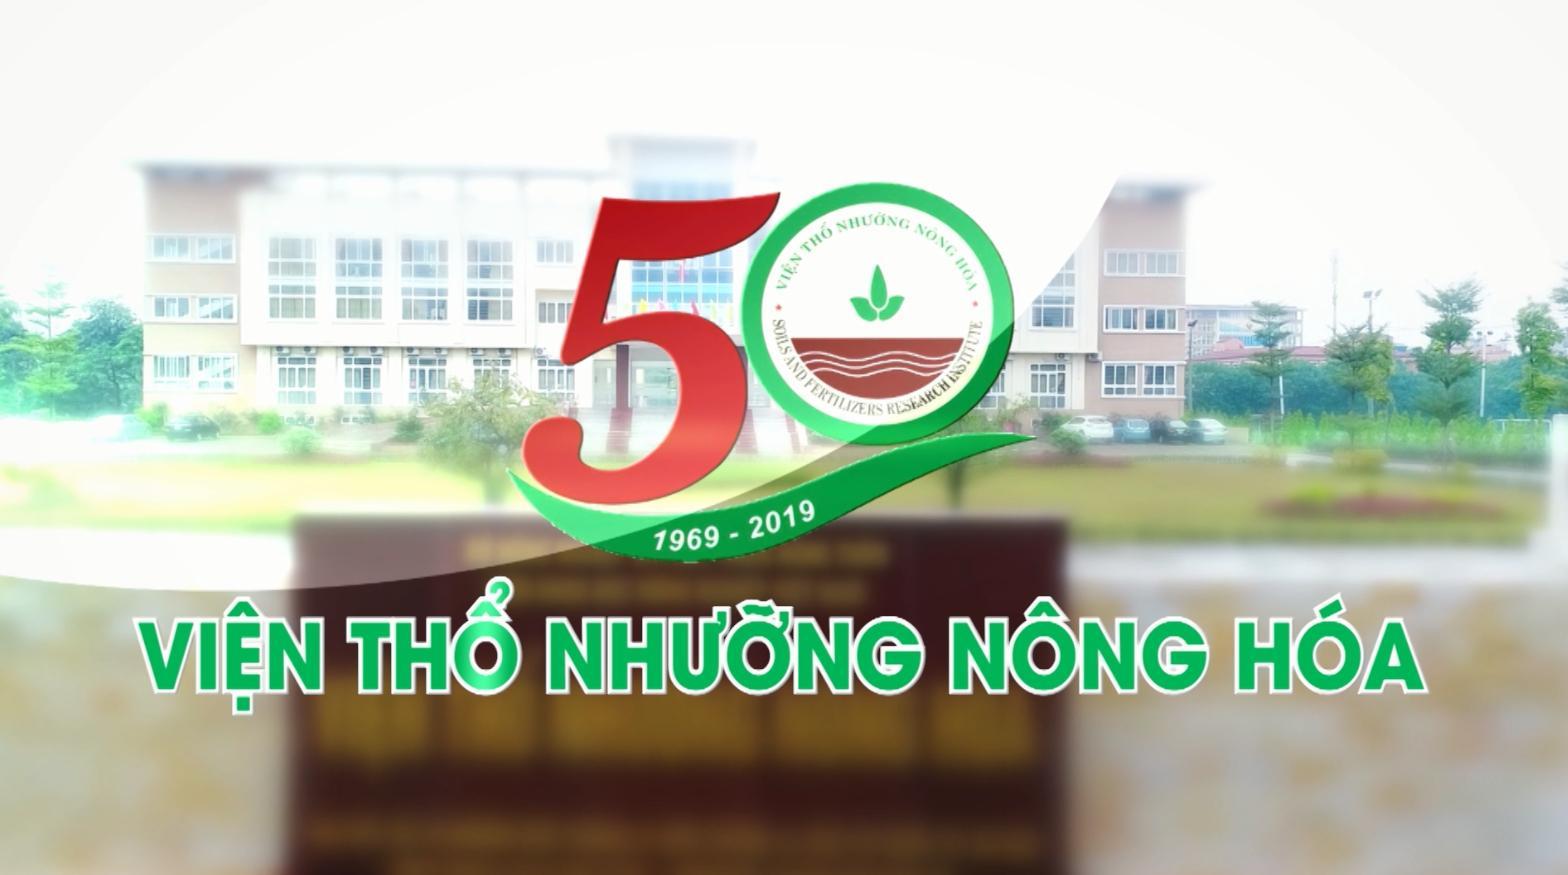 Viện Thổ nhưỡng Nông hóa - 50 năm Xây dựng & Phát triển